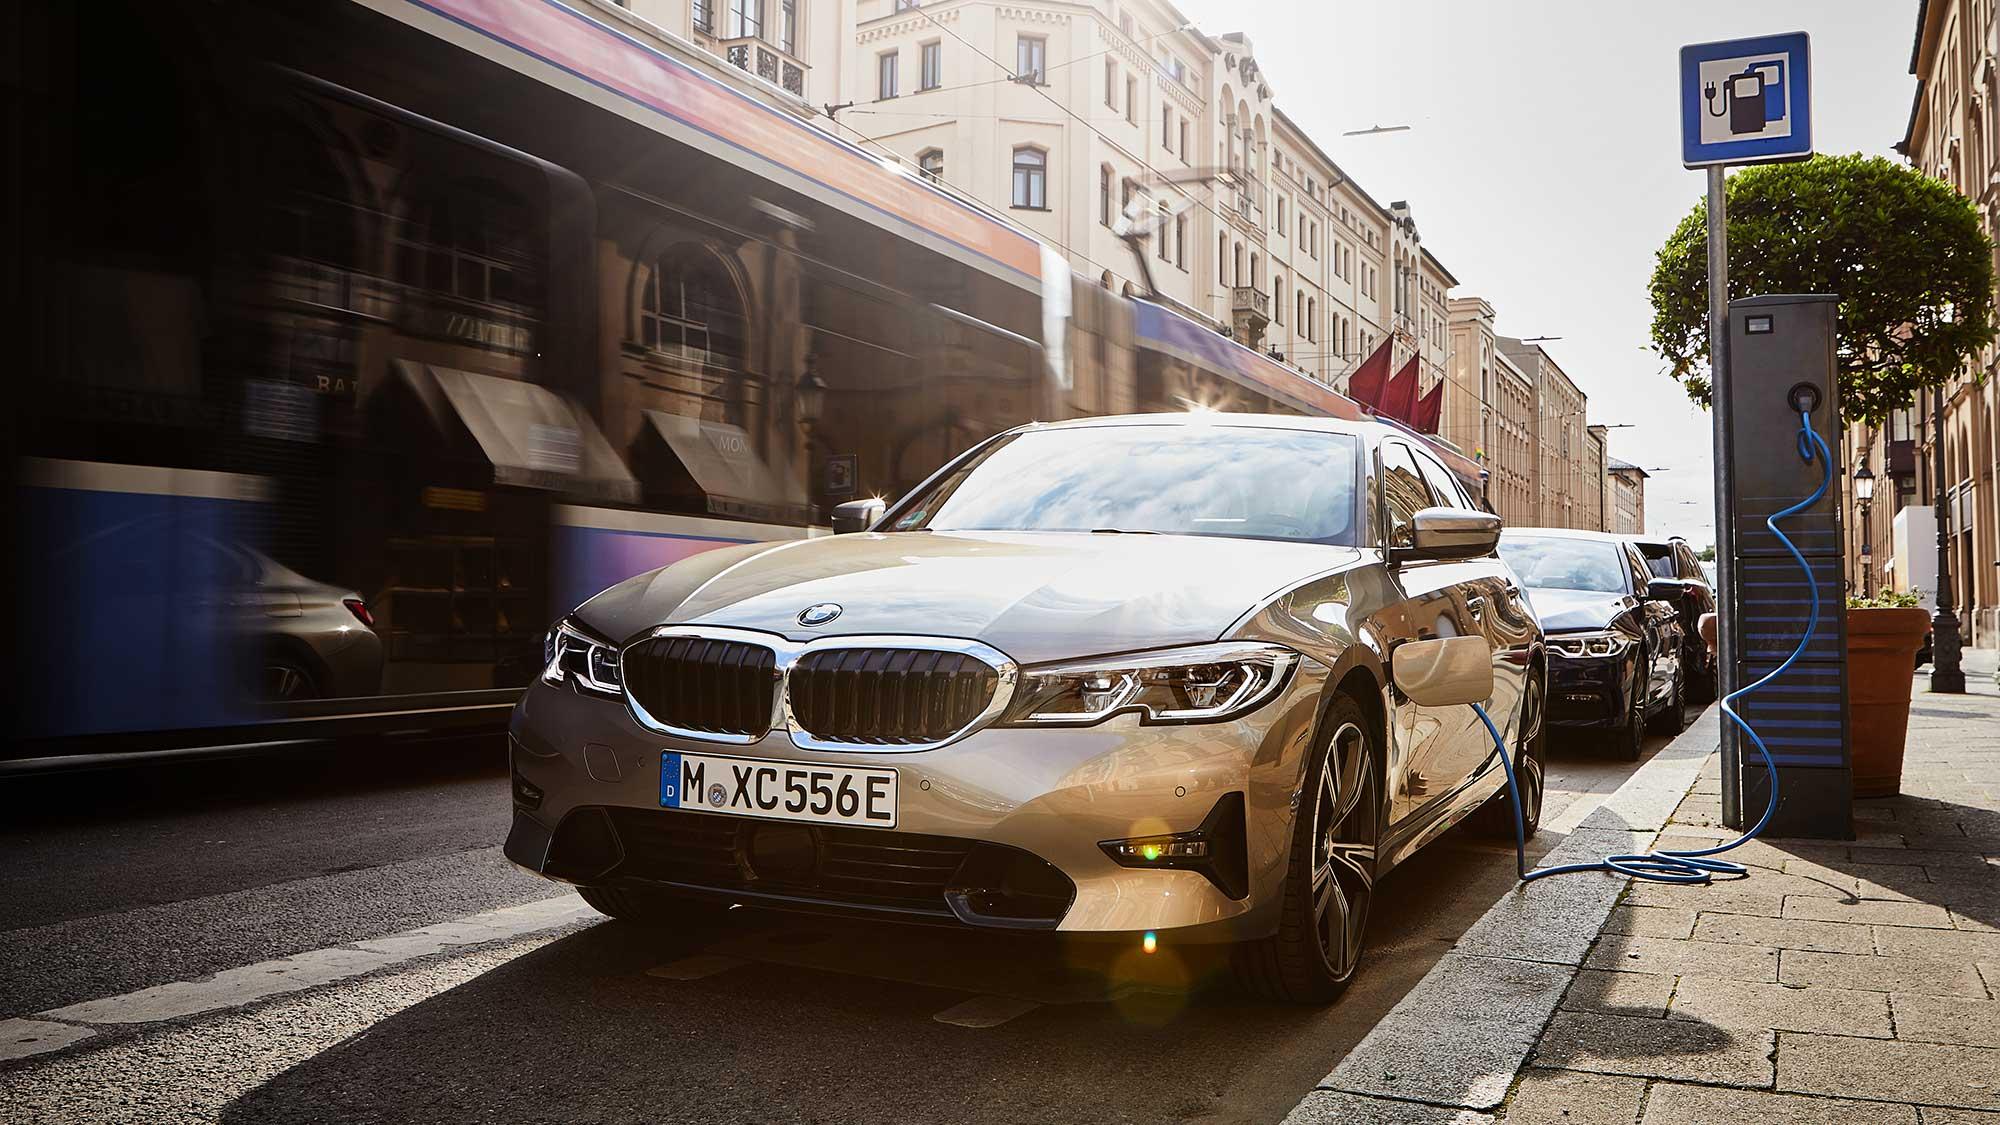 BMW『330e M Sport』PHEV試乗レポート〜BMWならではの気持ちよさが電気でパワーアップ【吉田由美】   EVsmartブログ